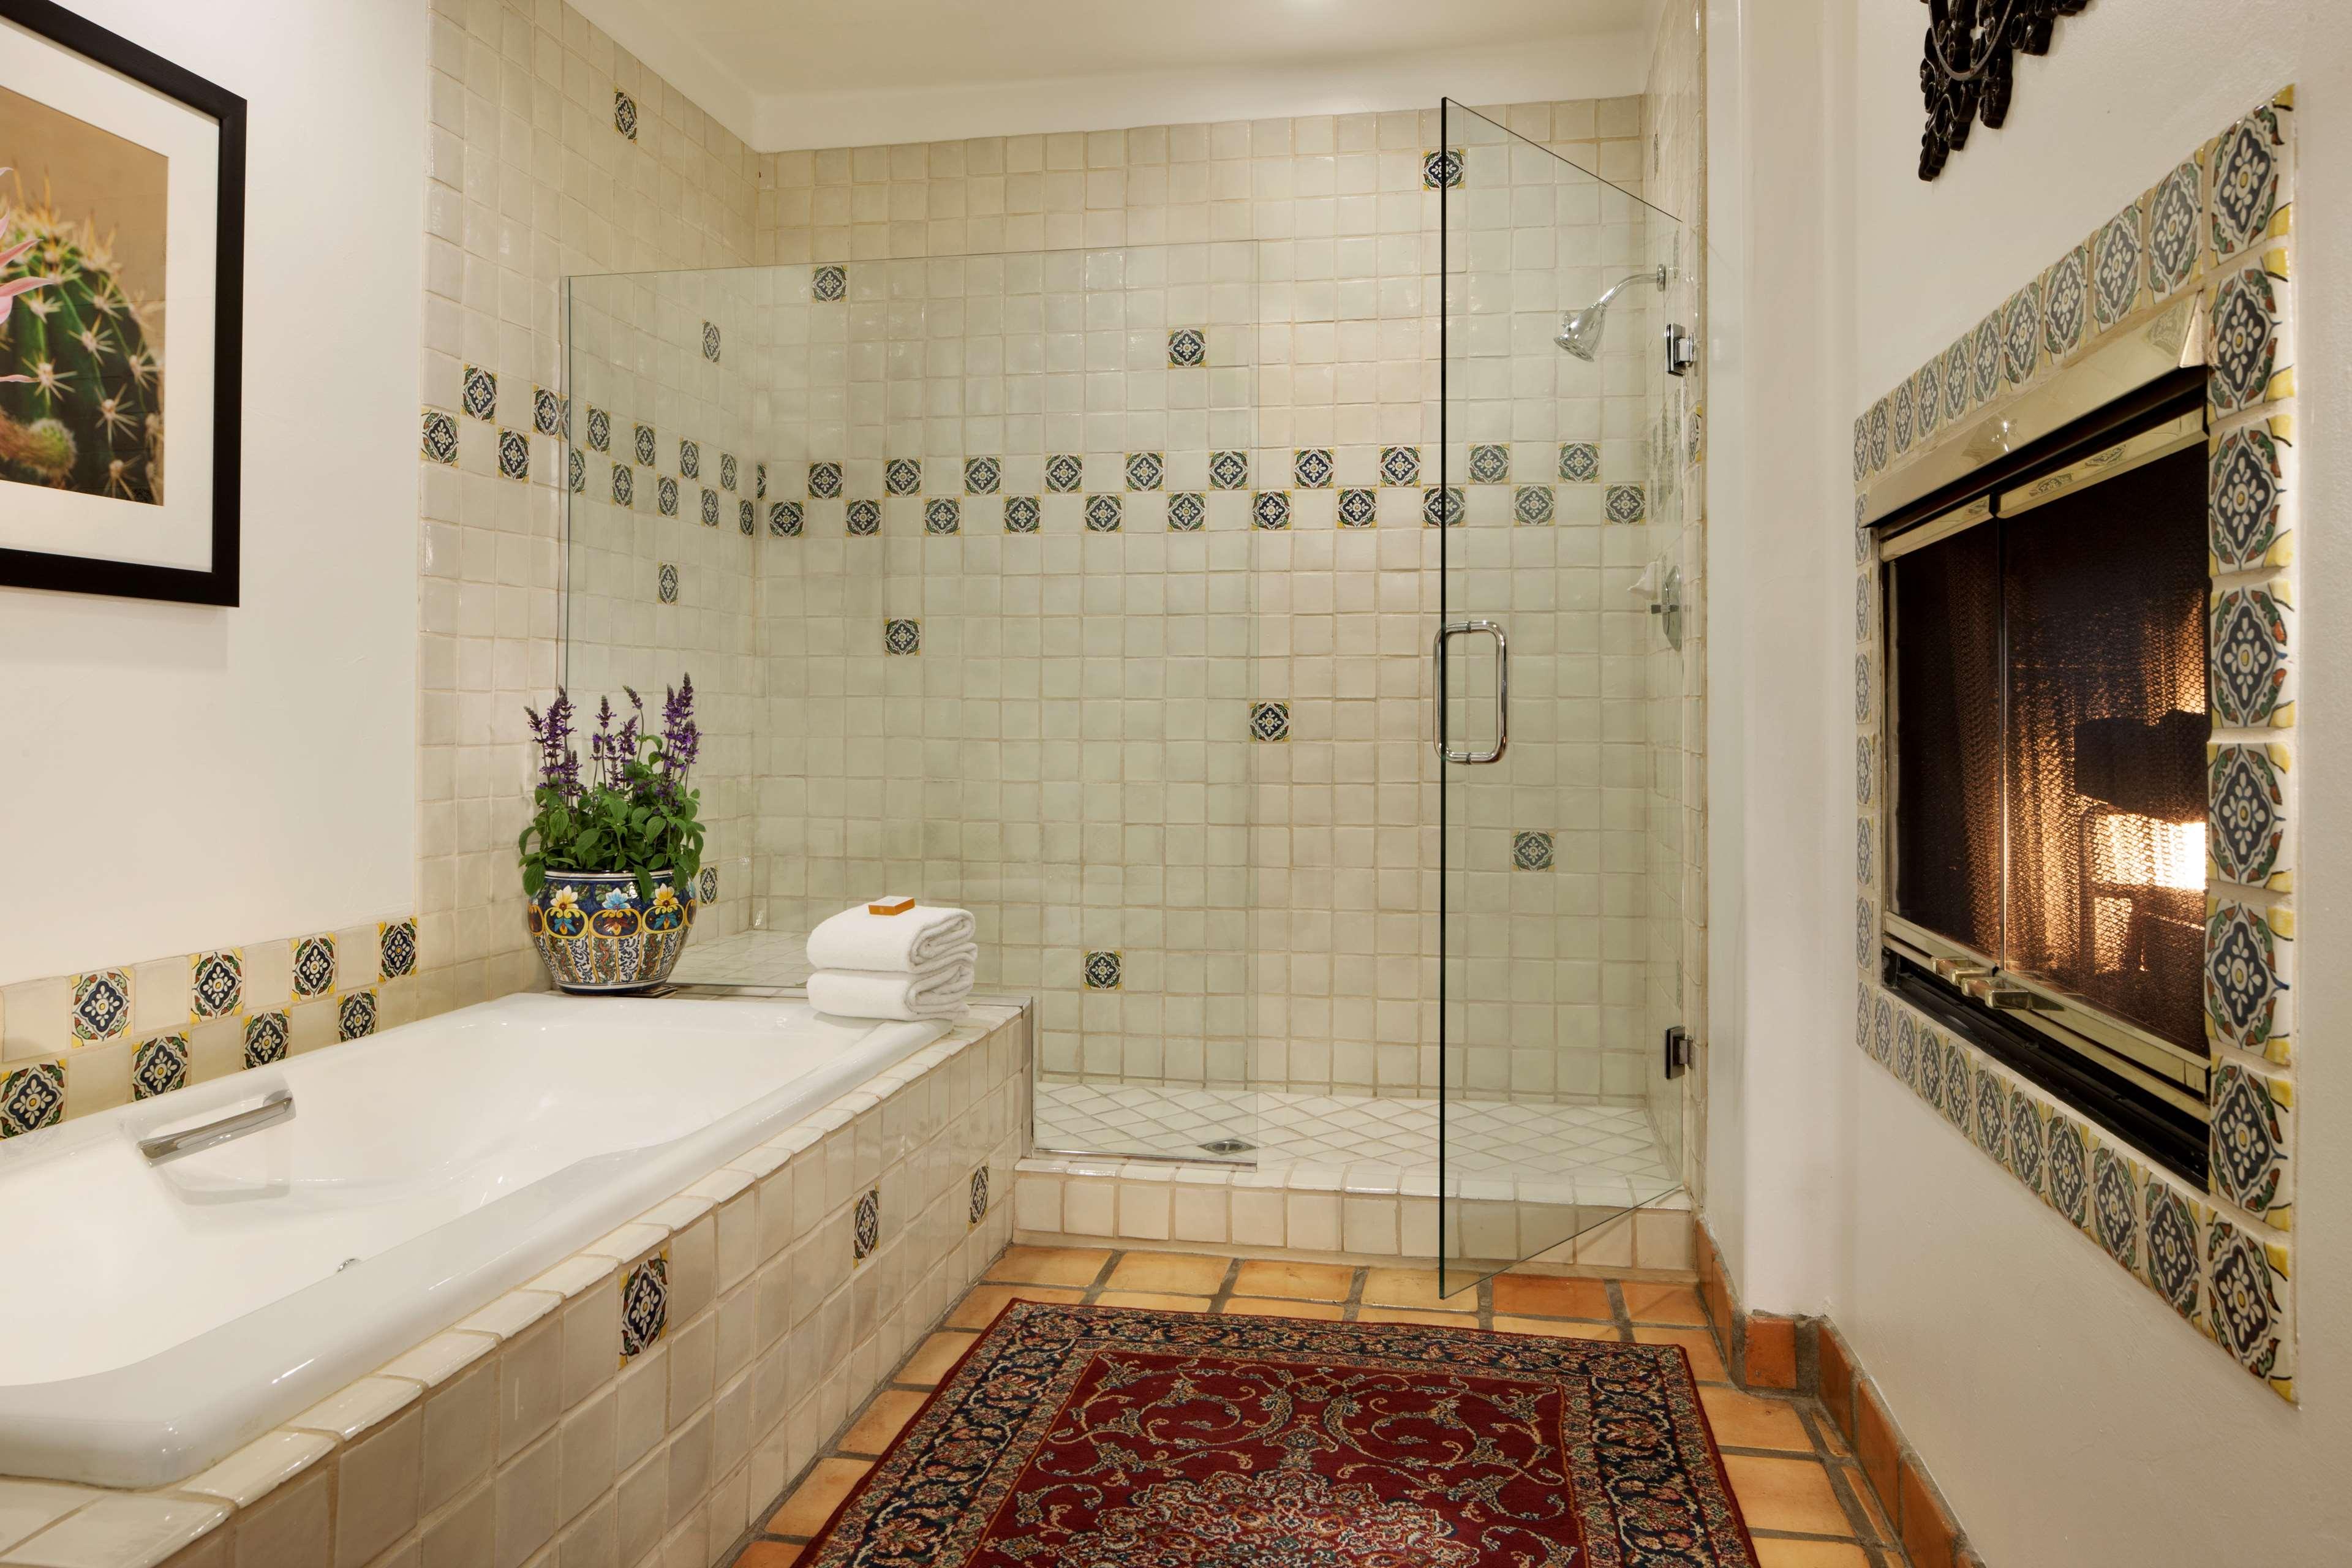 La Quinta Resort & Club, A Waldorf Astoria Resort image 15